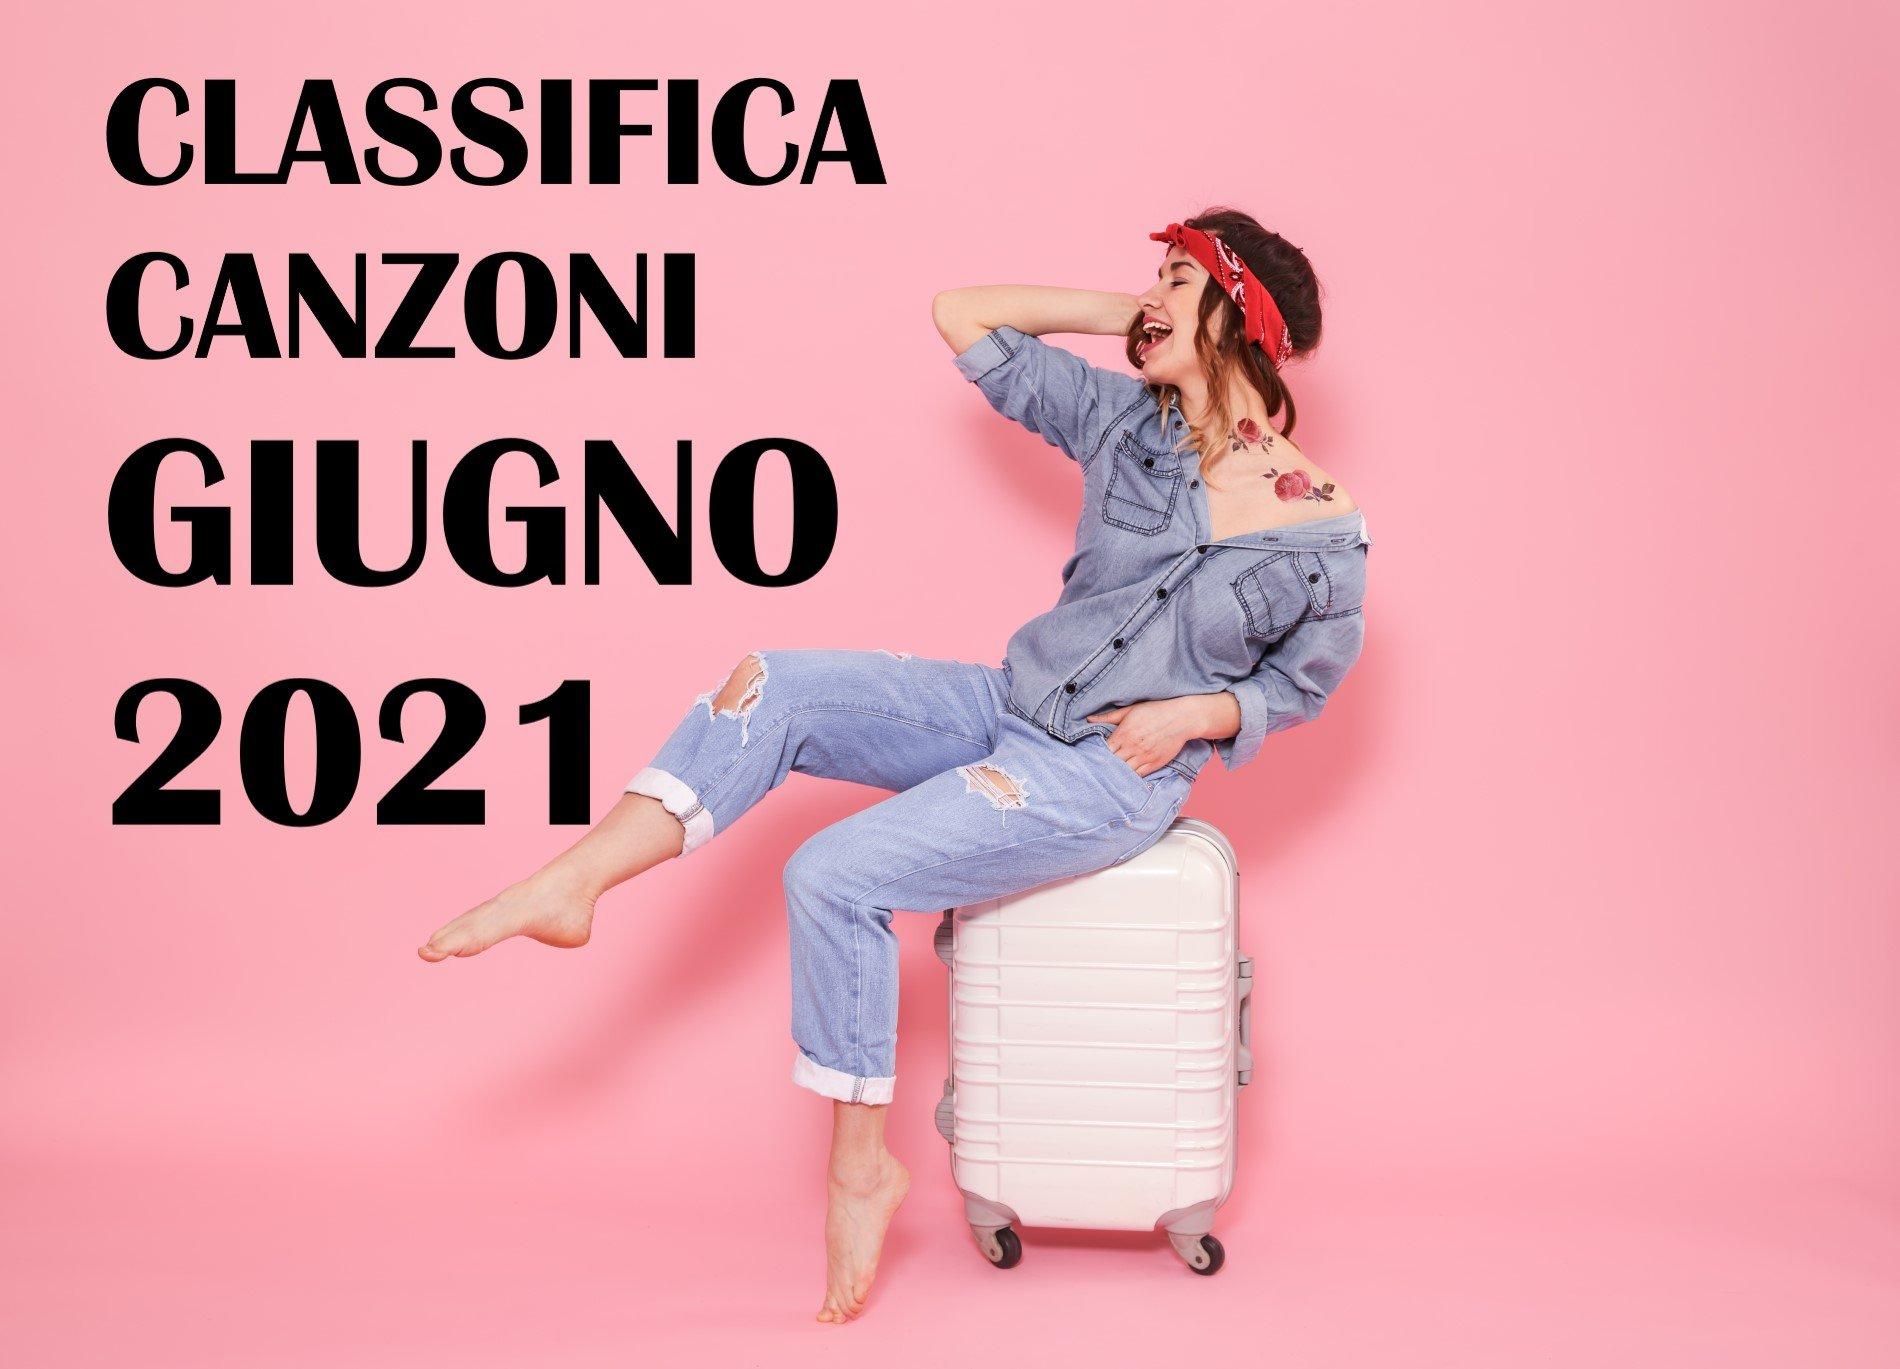 CLASSIFICA CANZONI GIUGNO 2021 - LA MIGLIORE MUSICA DEL MOMENTO GIUGNO 2021